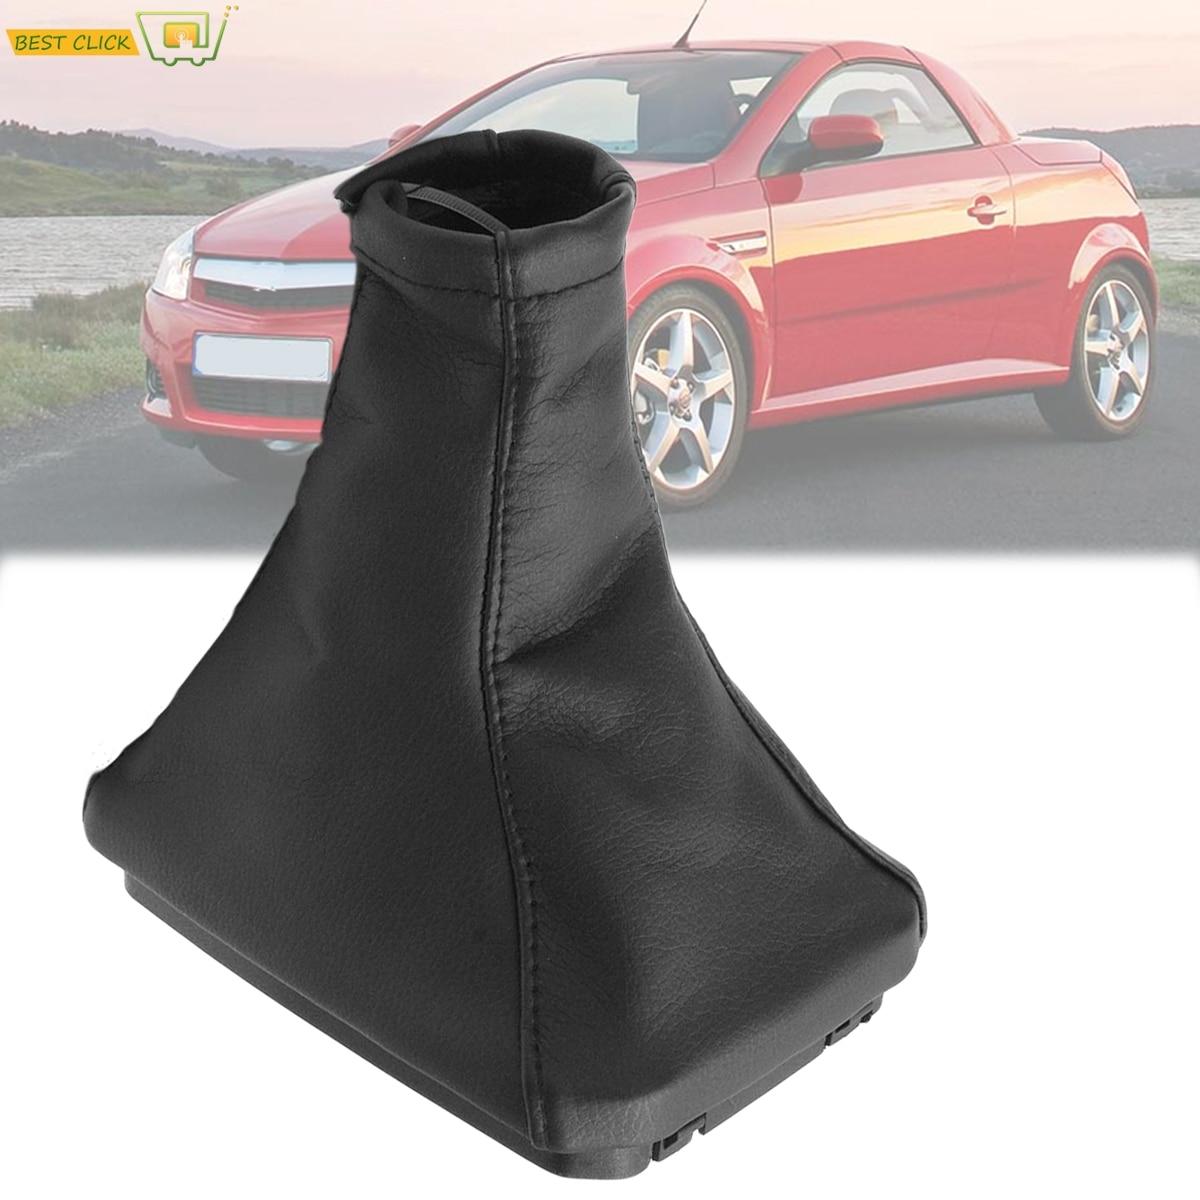 Автомобилей Ручка переключения передач Кожаный пыле Shifter Gaiter загрузки Обложка для Vauxhall / Opel Corsa A / B / C Vectra A / B Tigra B Calibra Combo C